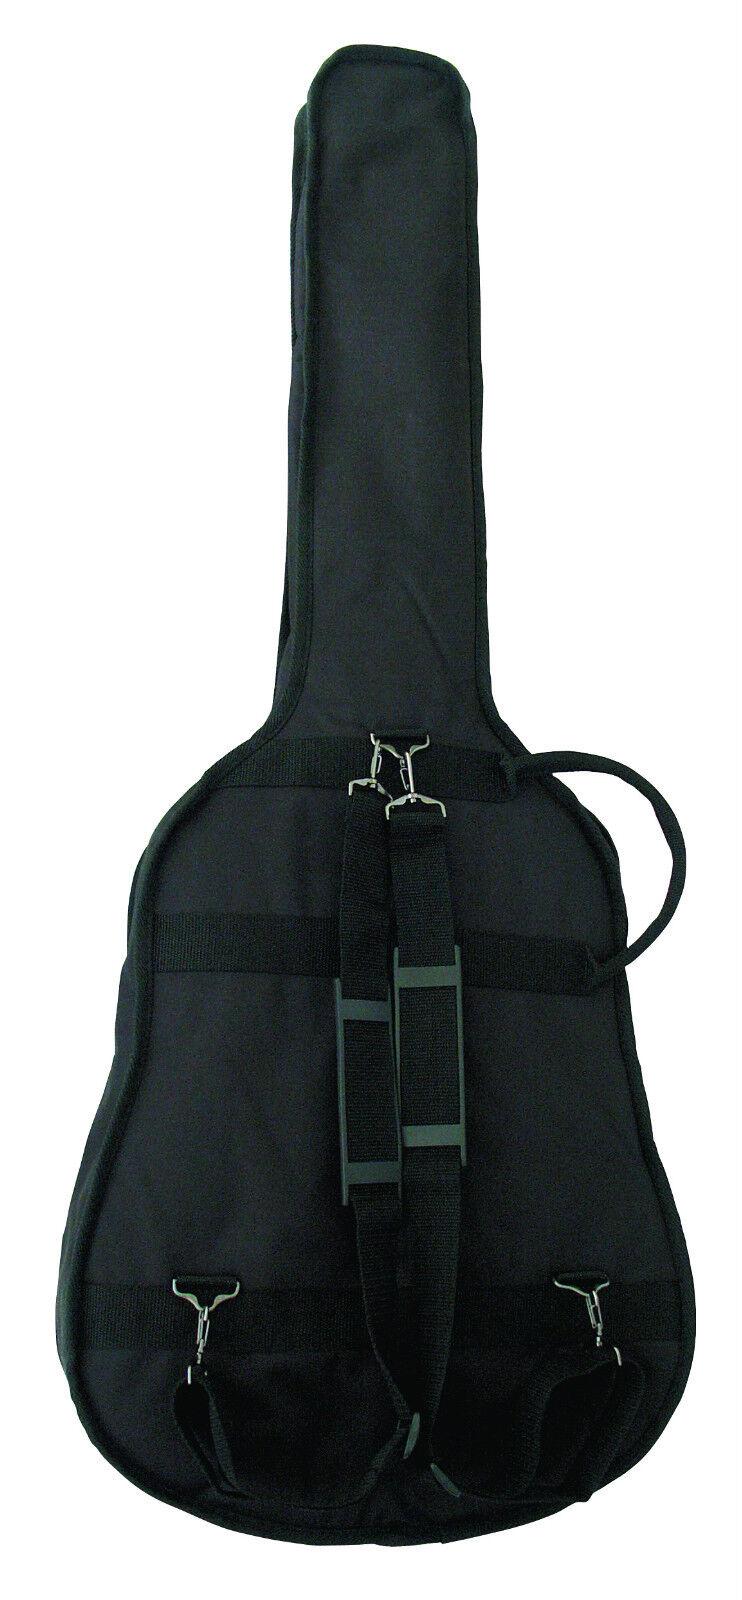 Tasche für Konzertgitarre mit Band viele Grössen - Gitarrentasche!!n